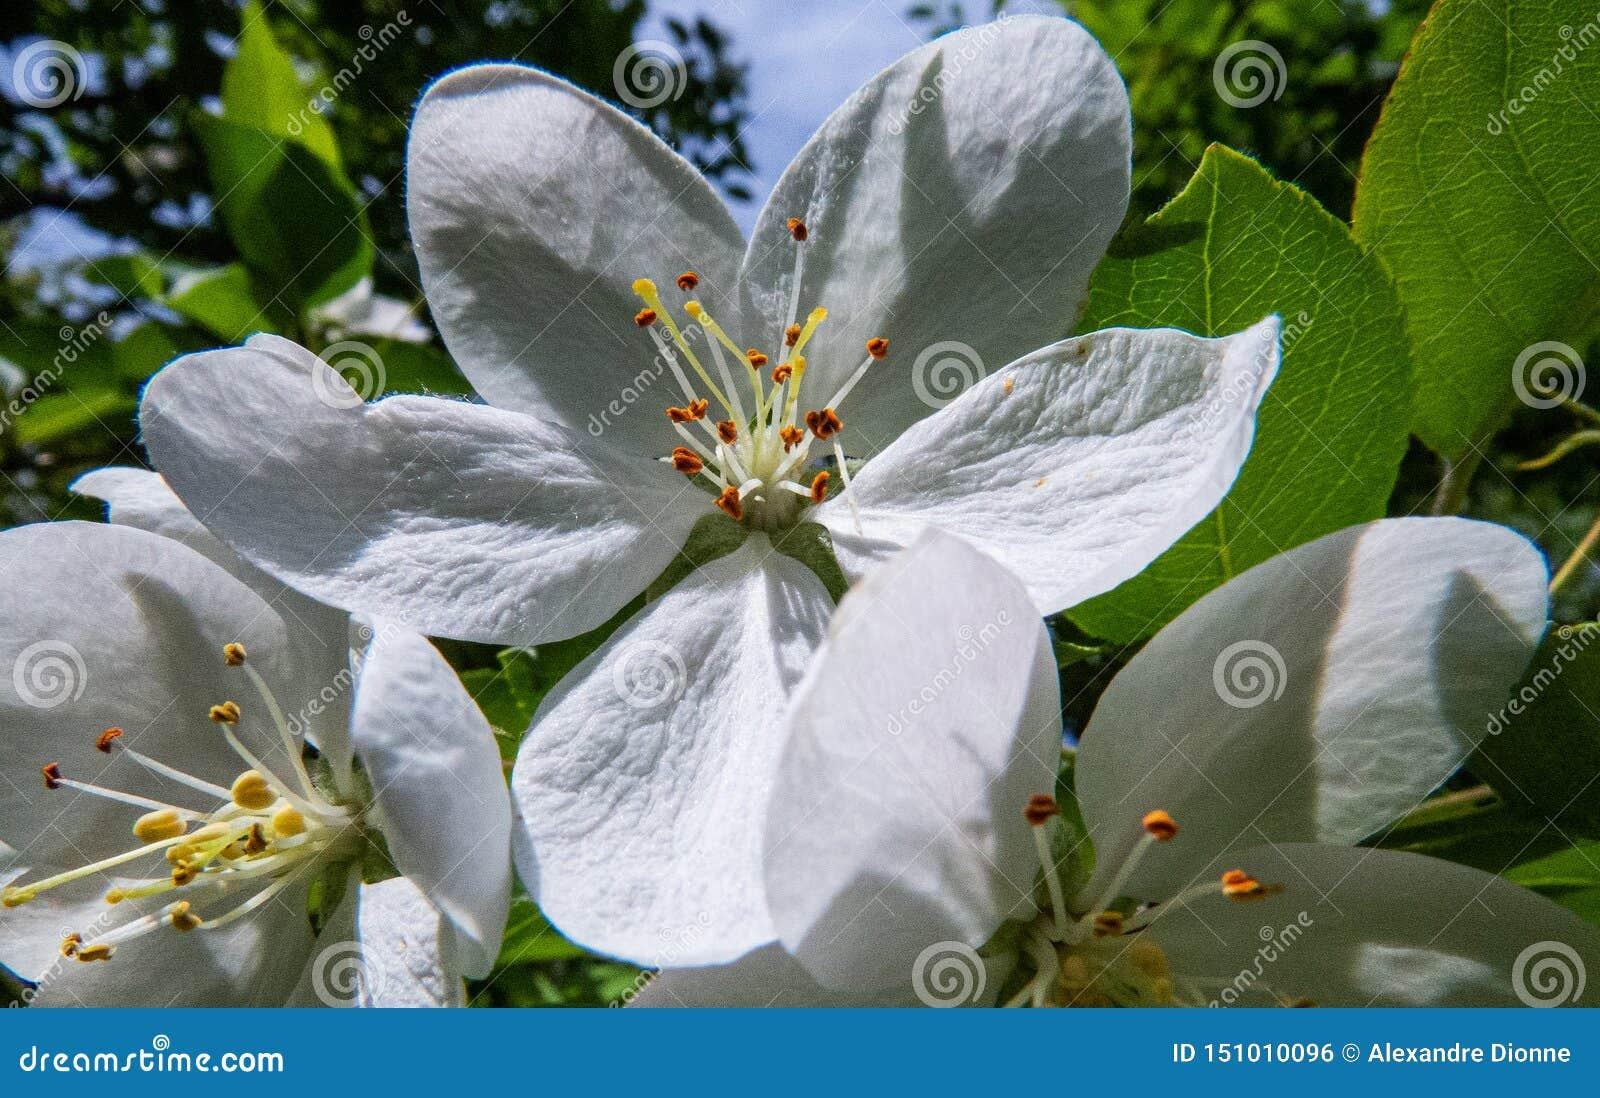 La Quebec: Foto del primo piano dei fiori di melo